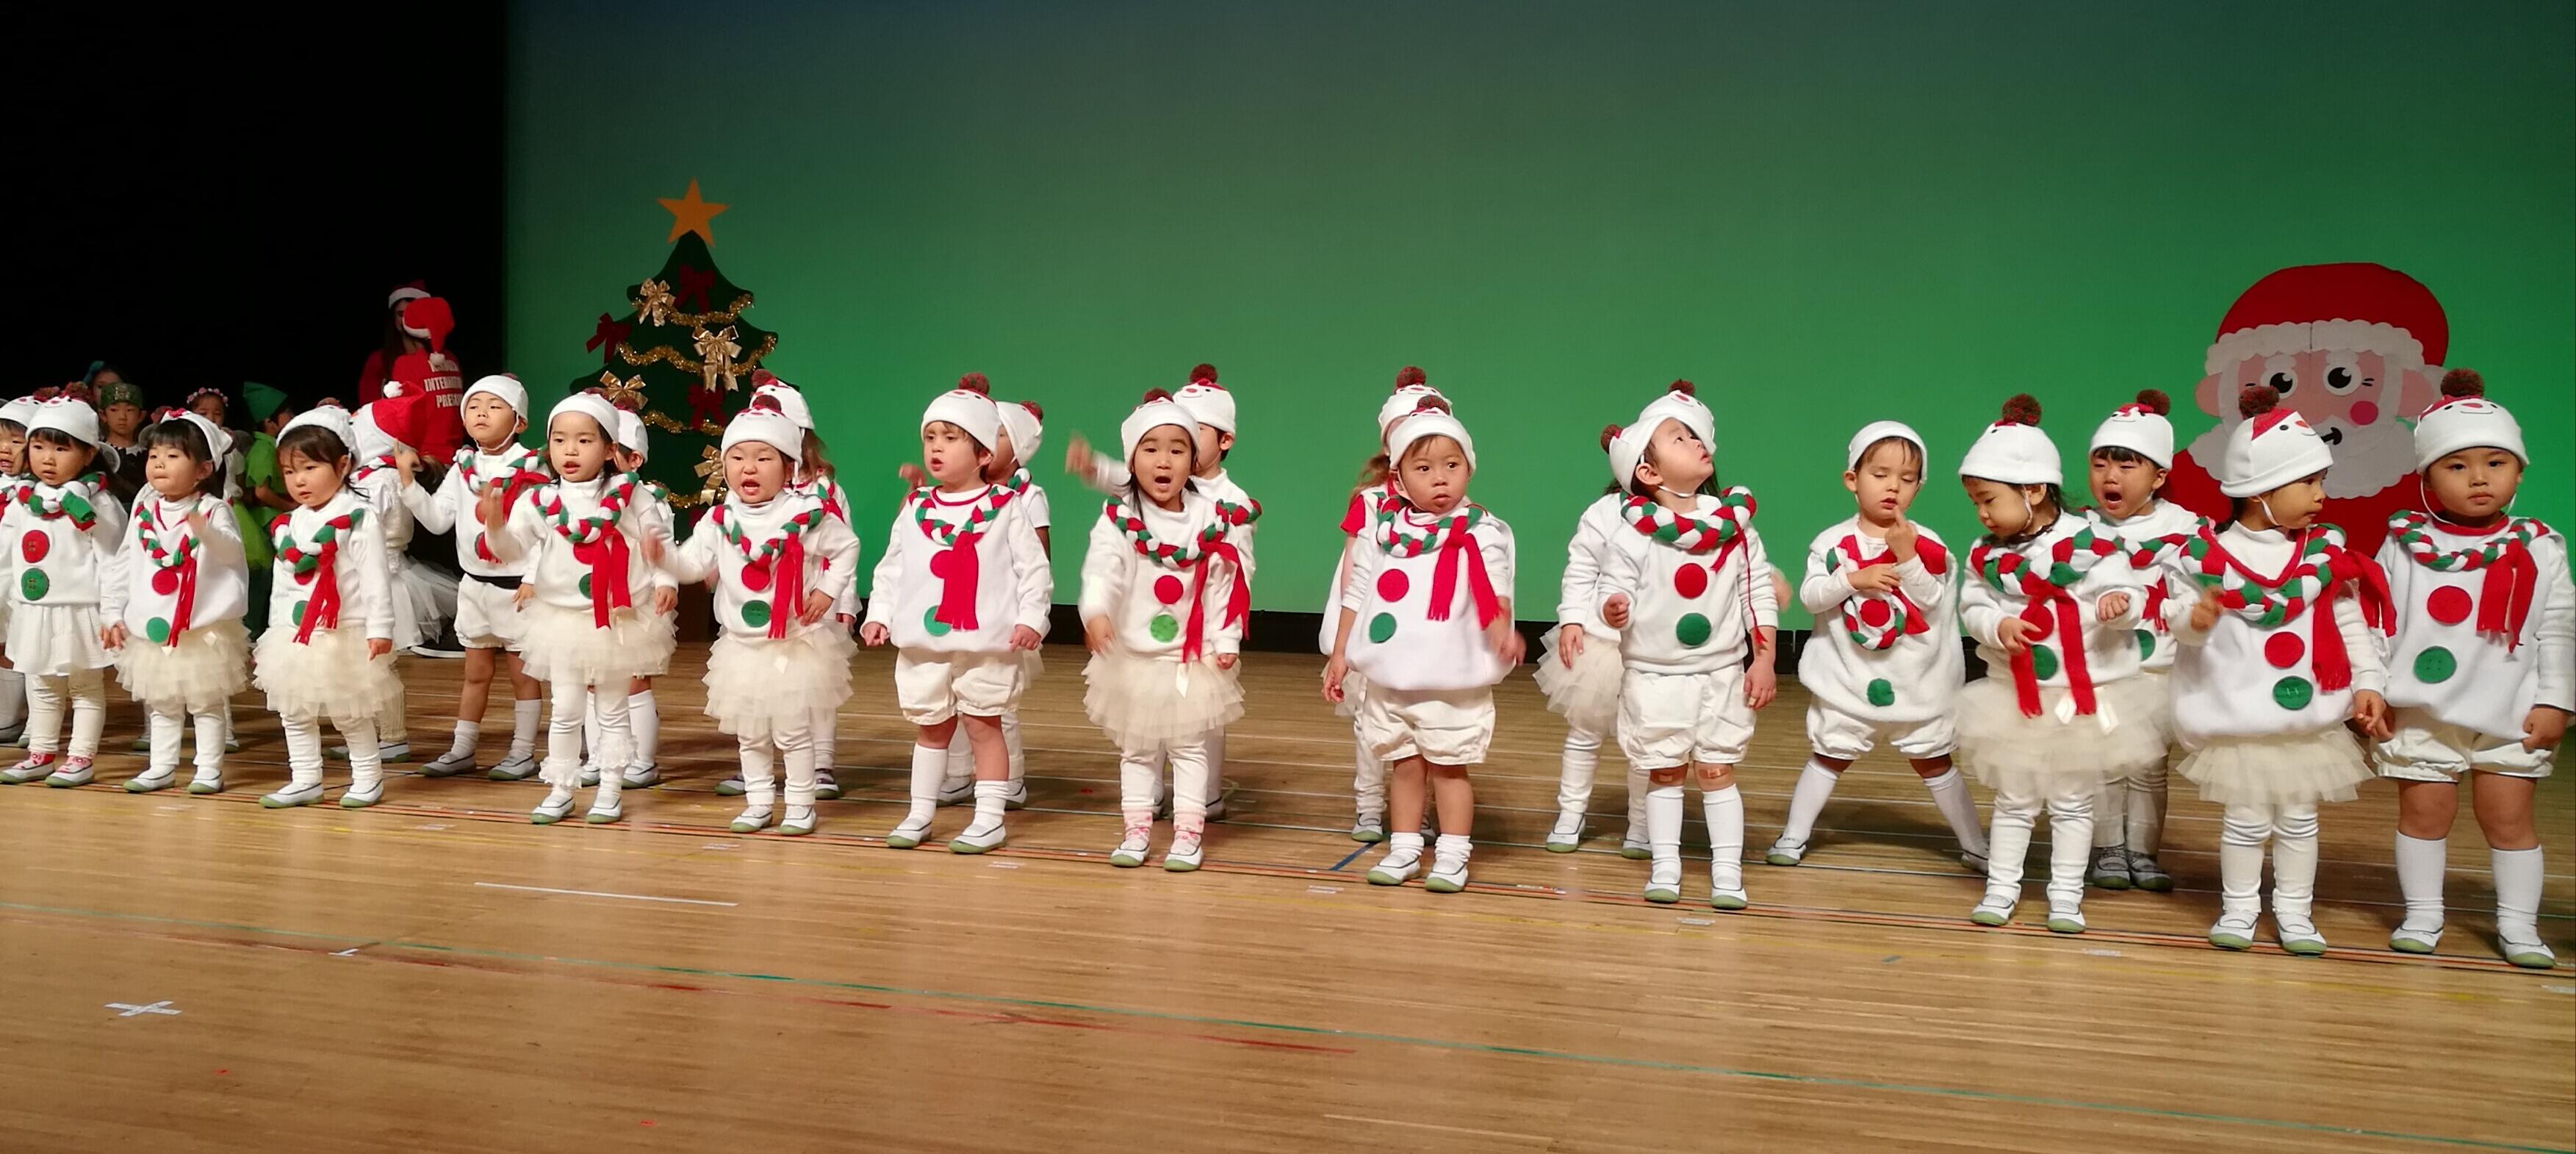 Christmas Concert 2017  ~Nagoya, Kakuozan International Preschool ~